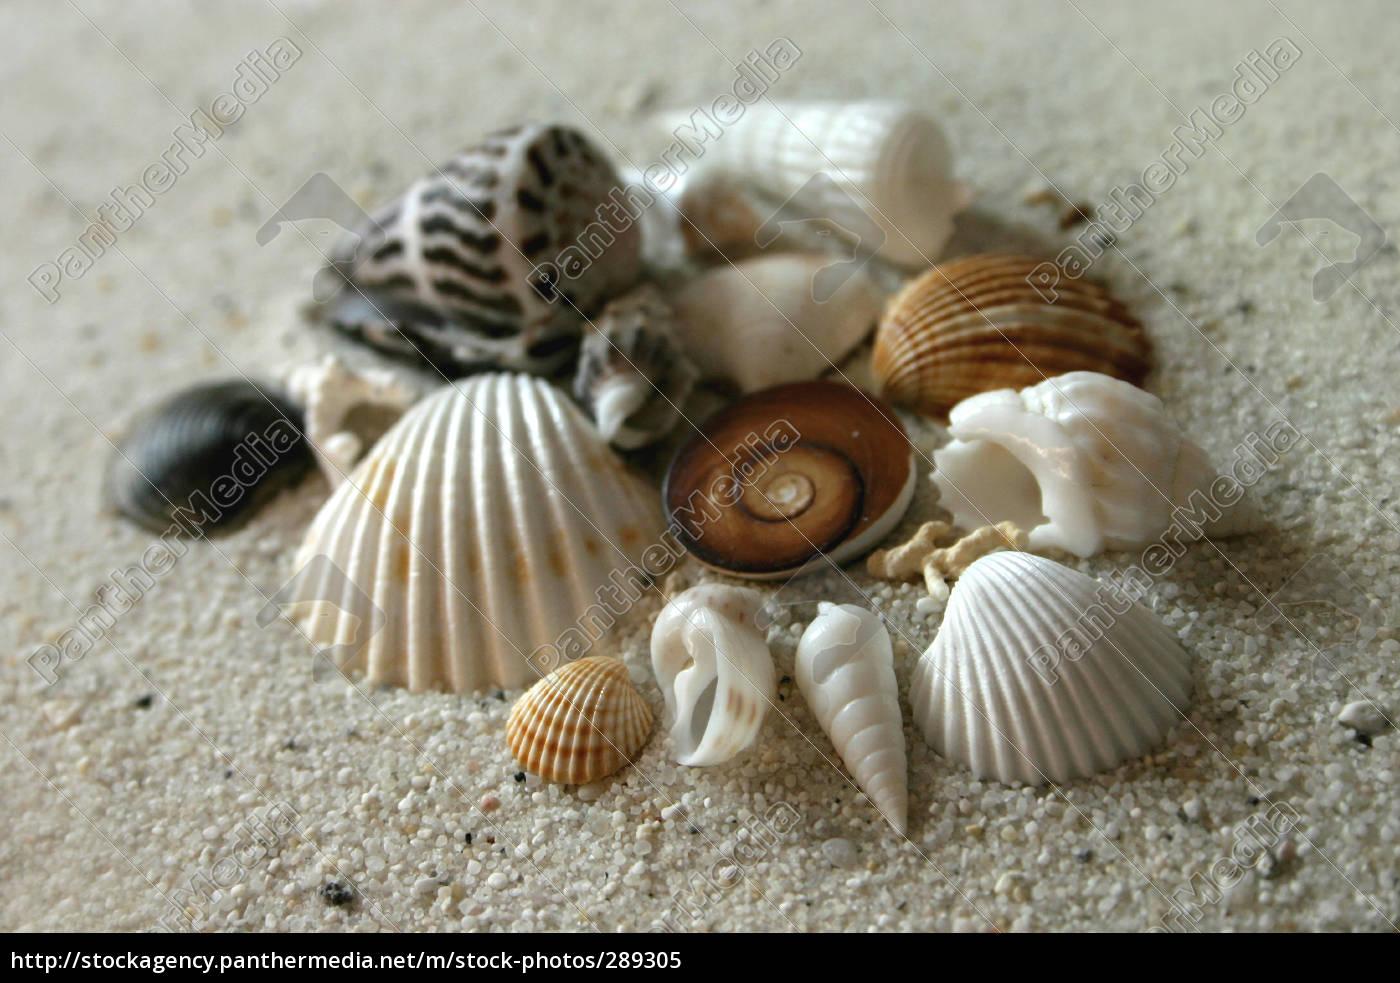 shells - 289305